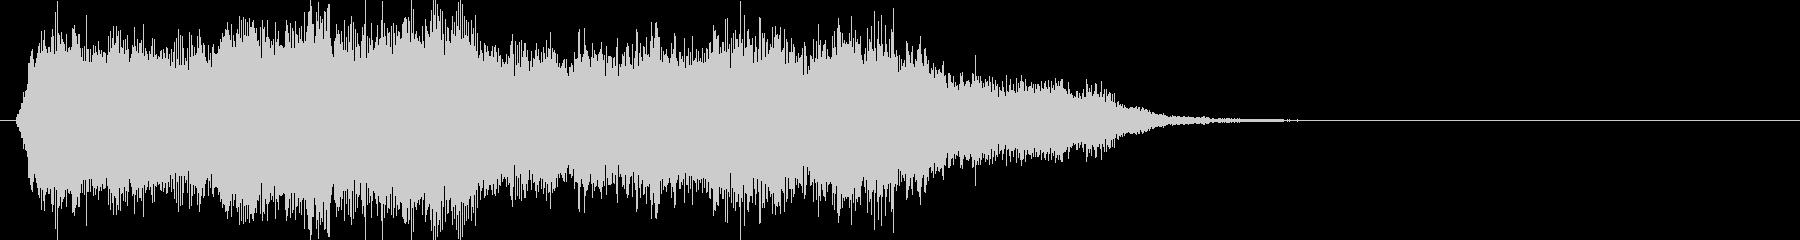 壮大なハリウッド系オーケストラのロゴの未再生の波形